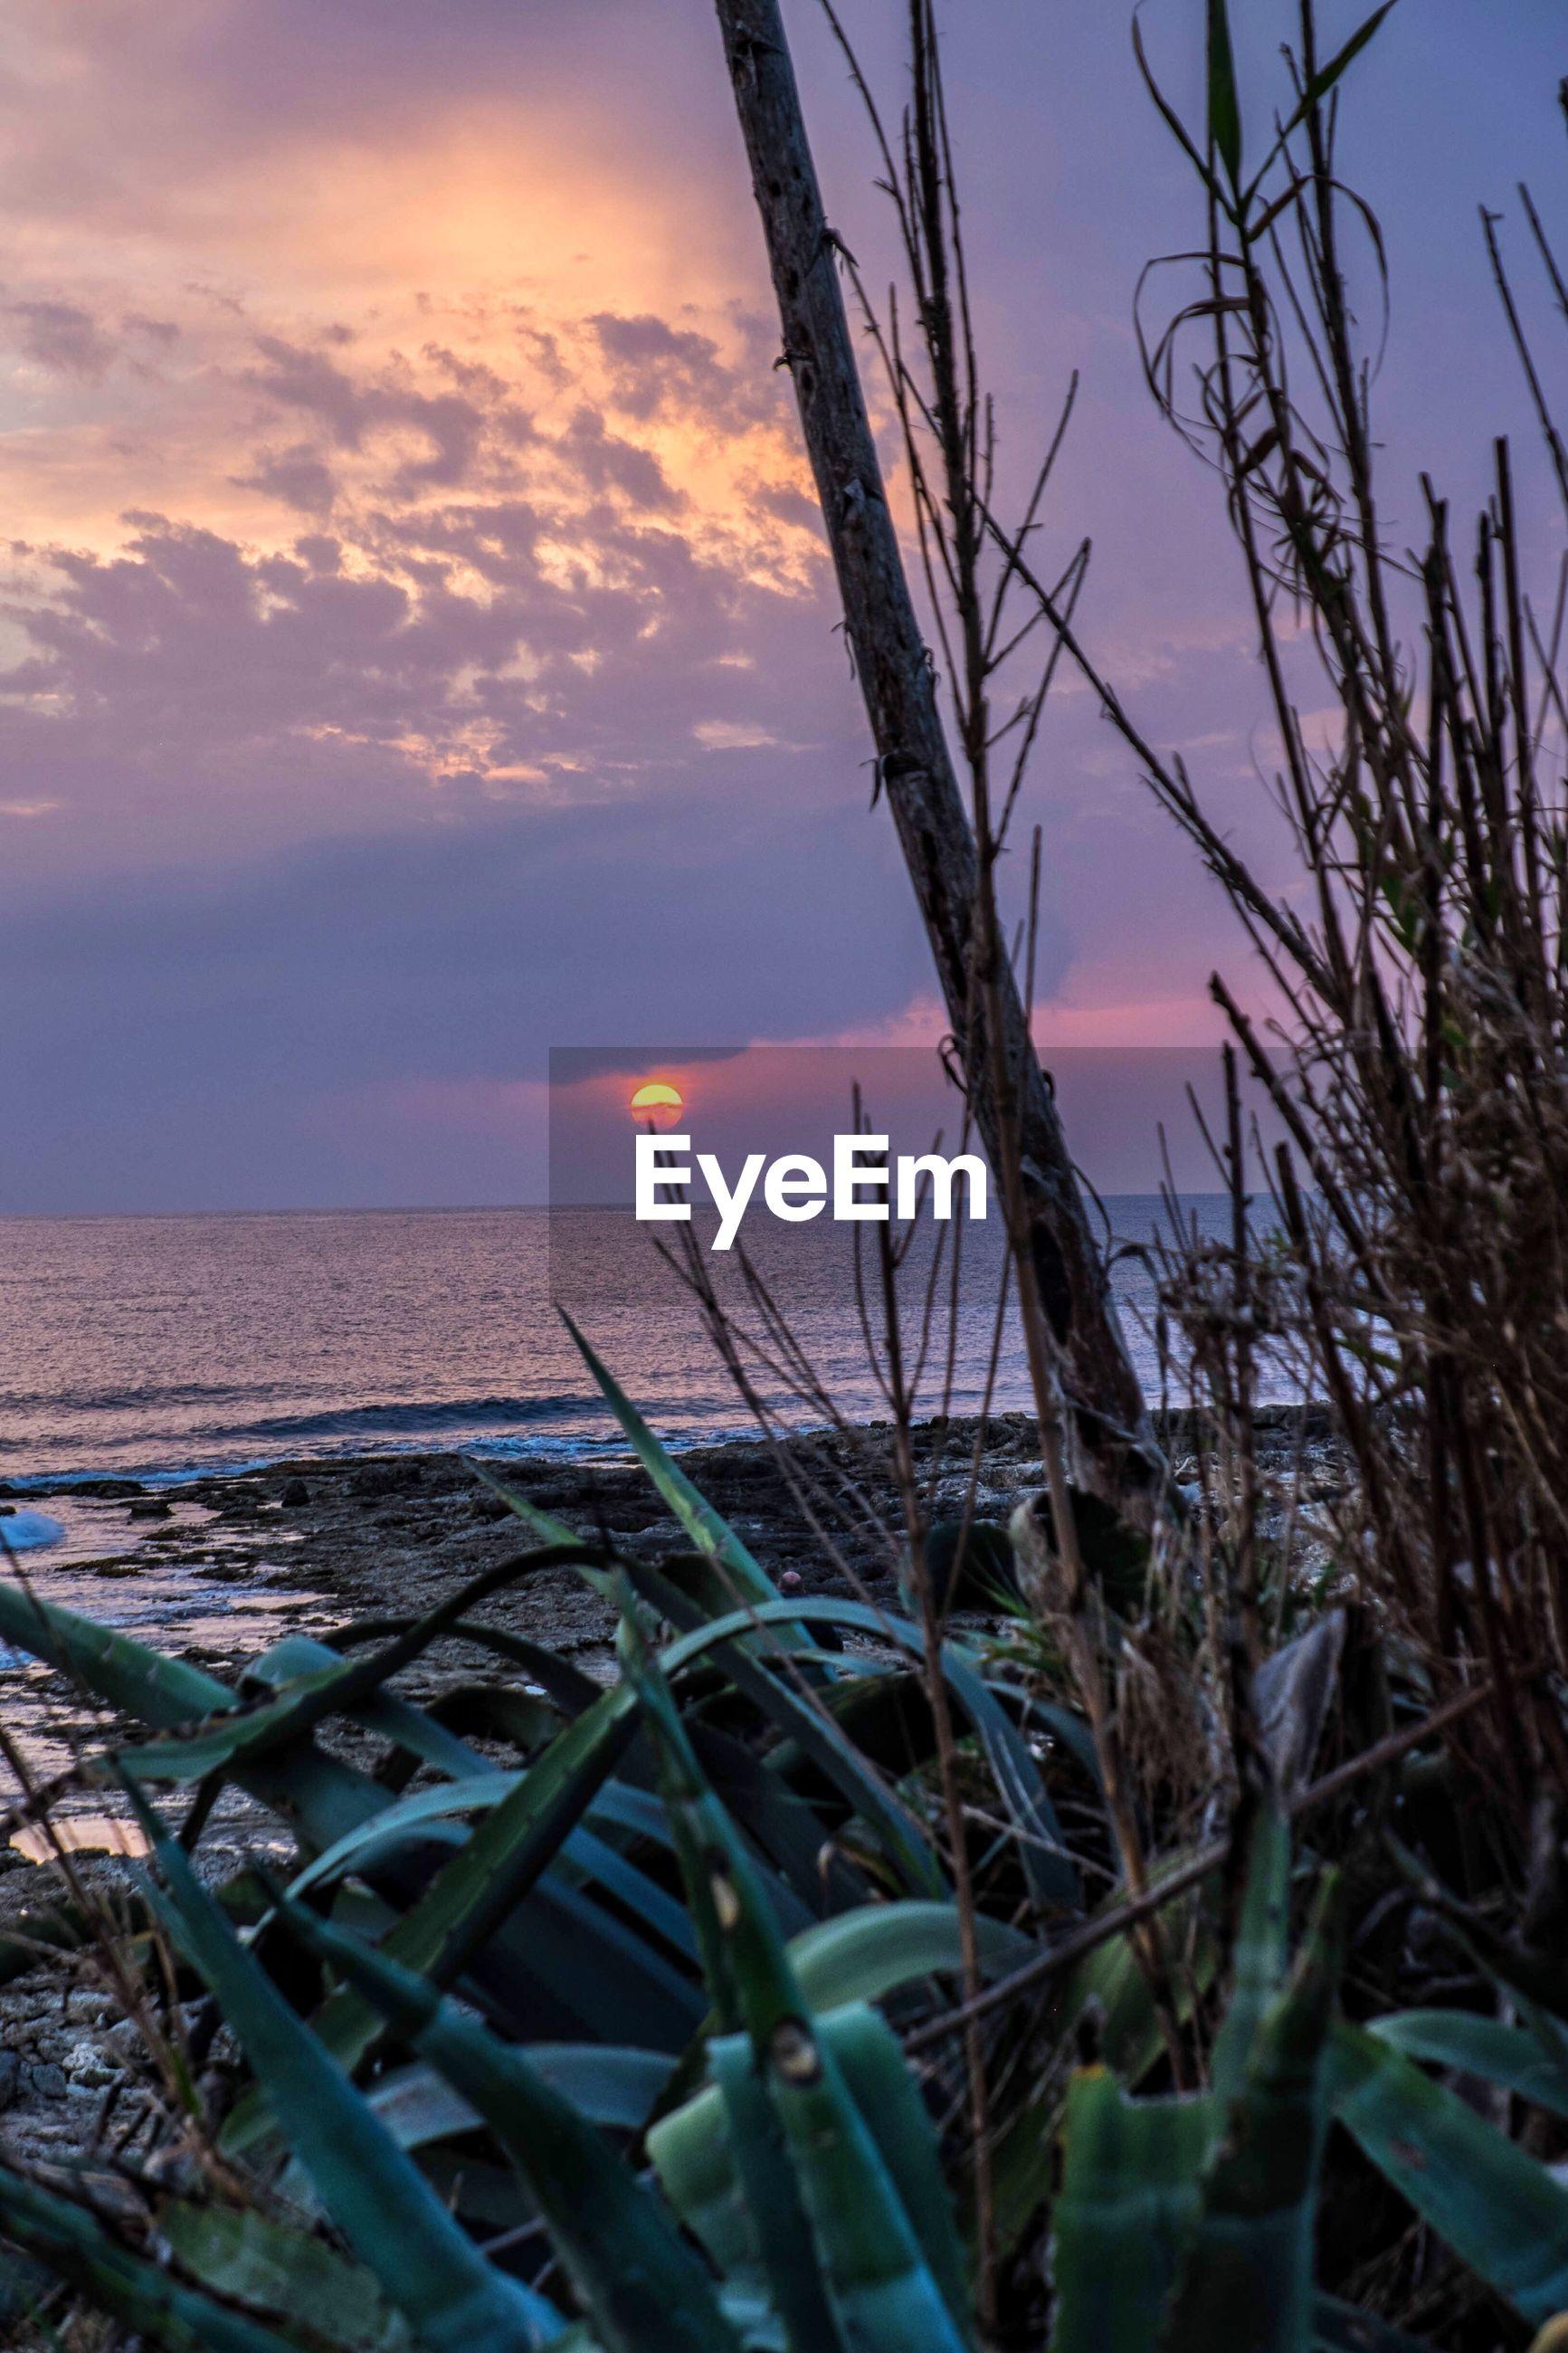 CACTUS ON BEACH AGAINST ROMANTIC SKY